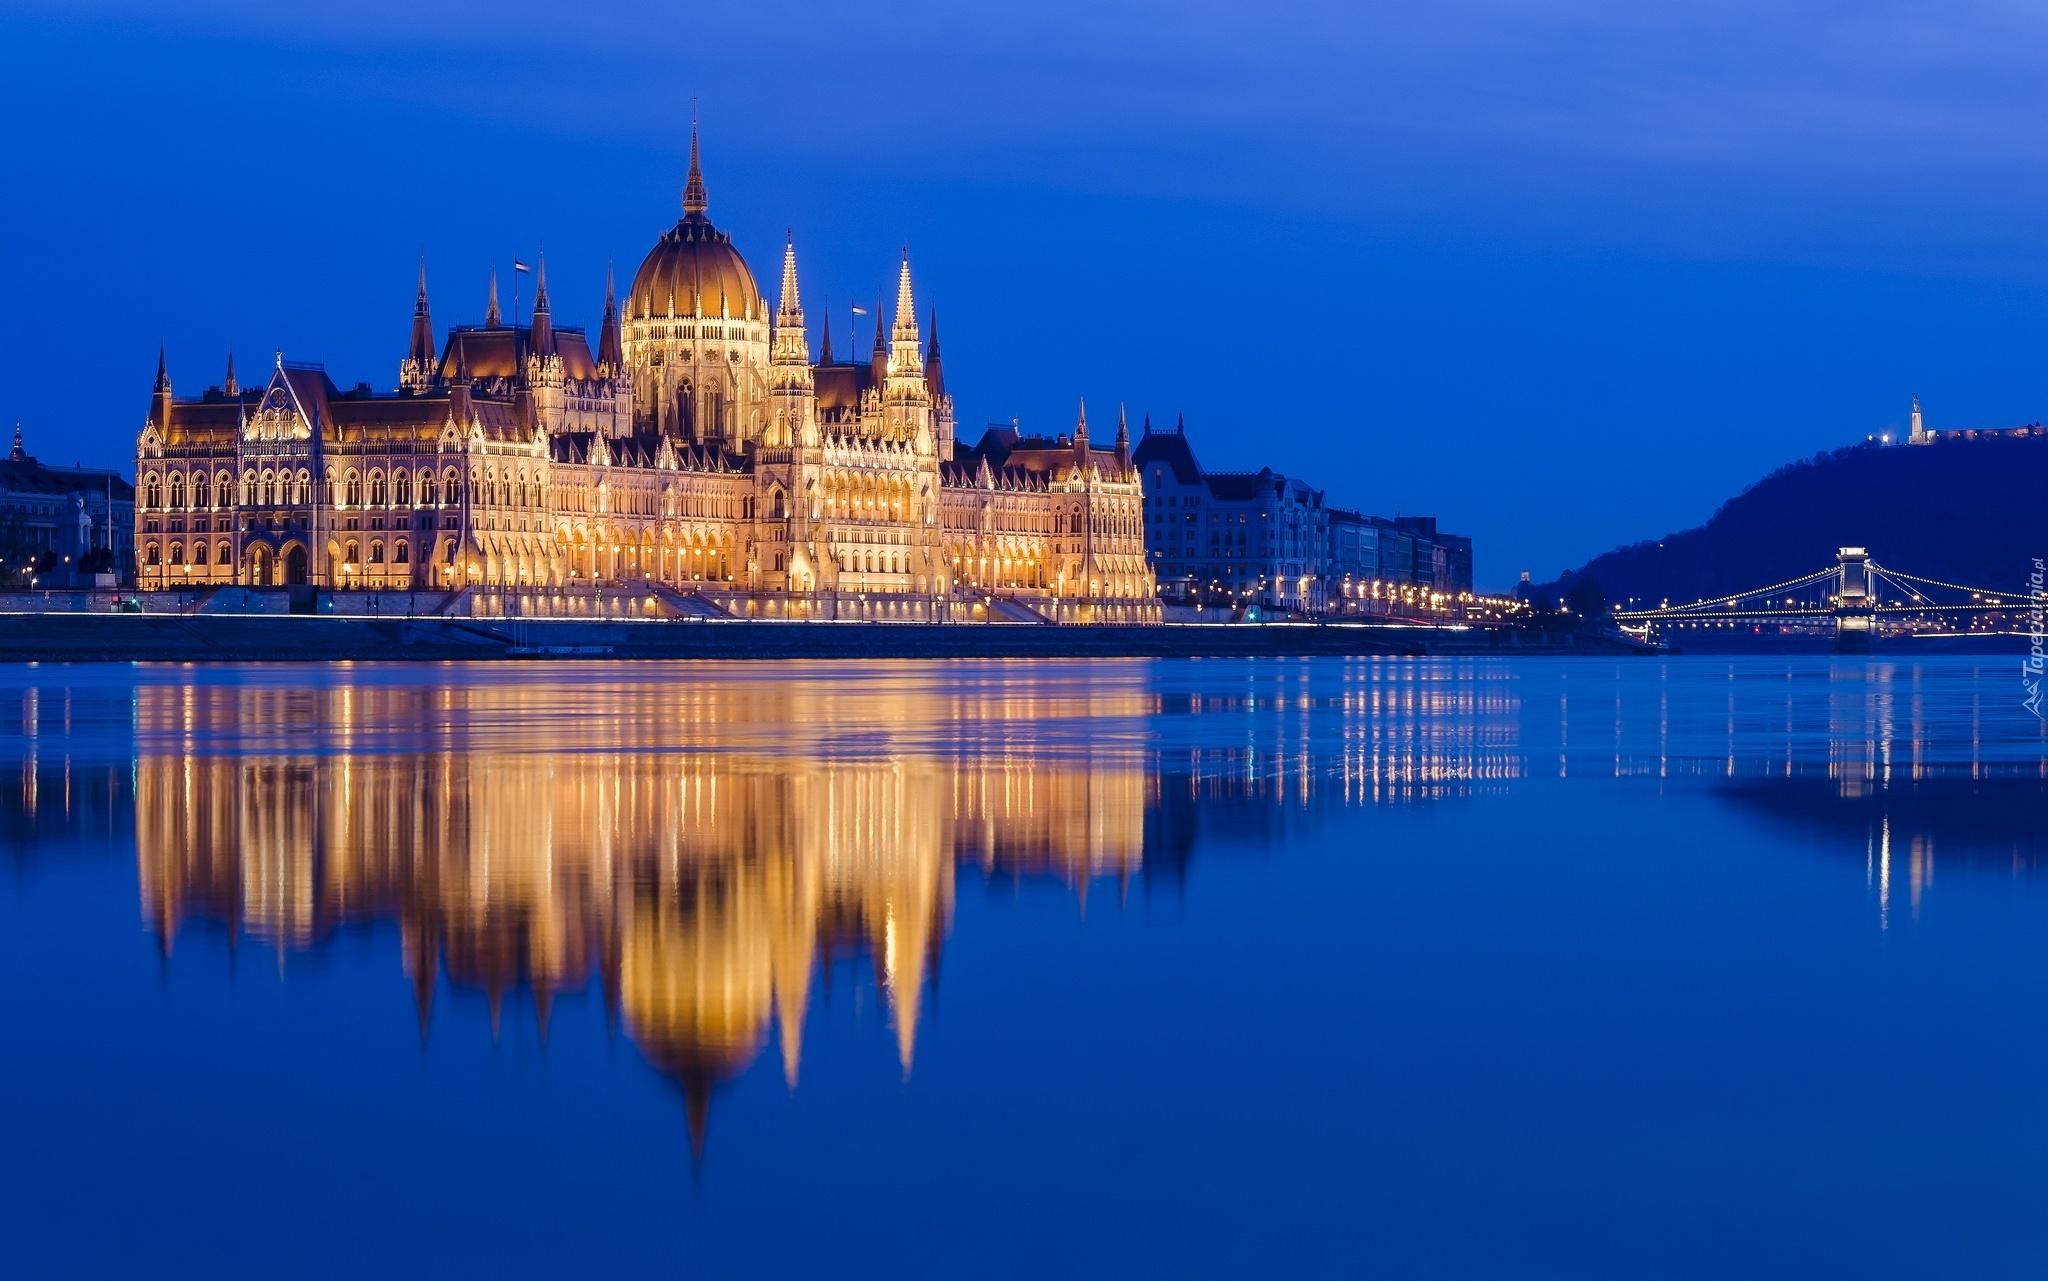 Hd Puzzle Wallpaper Węgry Budapeszt Pałac Rzeka Odbicie Miasto Nocą